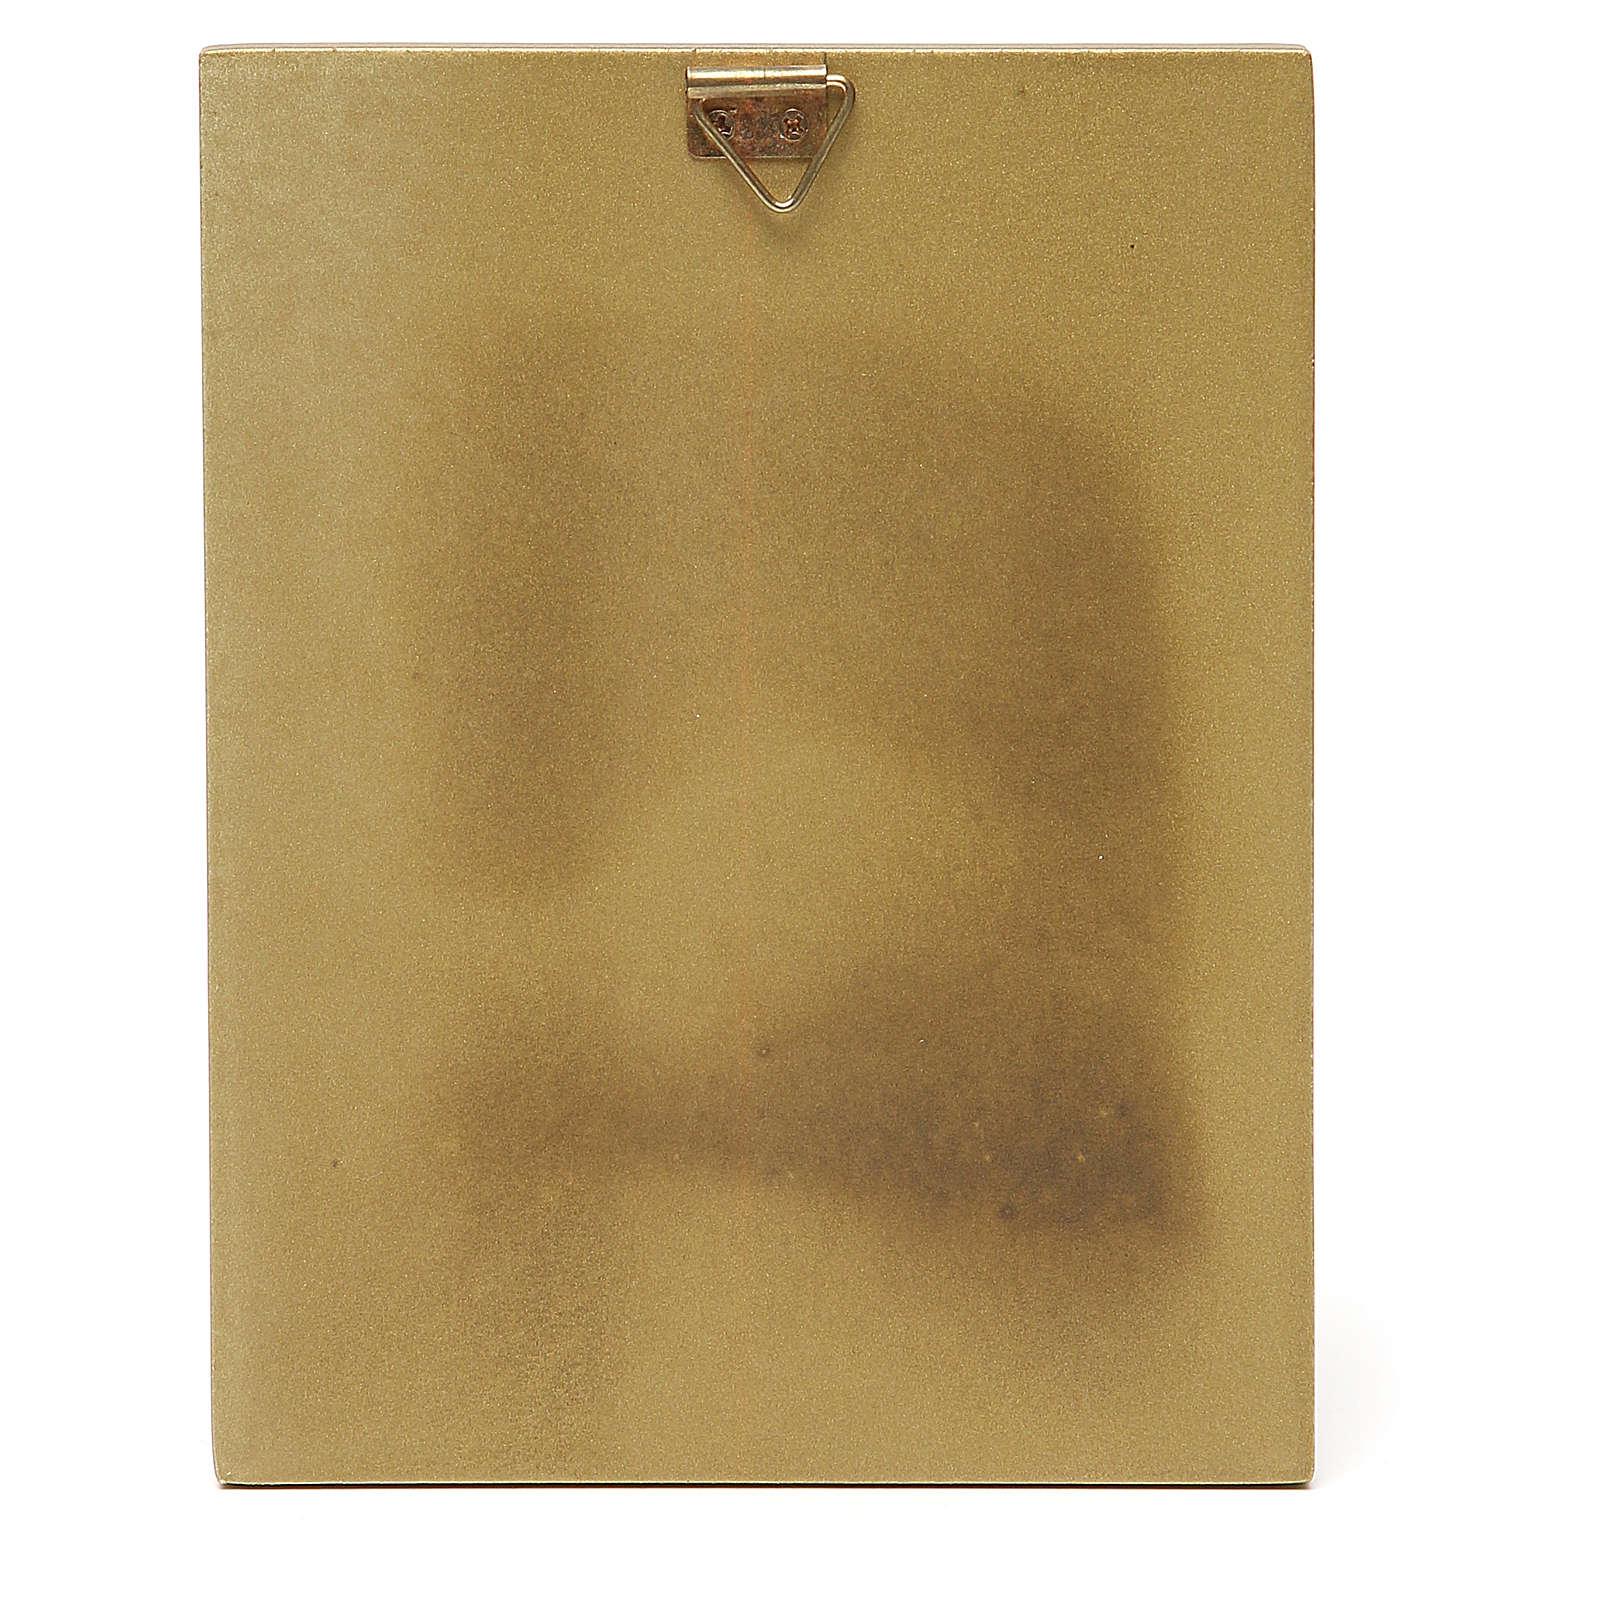 STOCK Quadretto legno Angelo bordo oro 14x11 cm 3